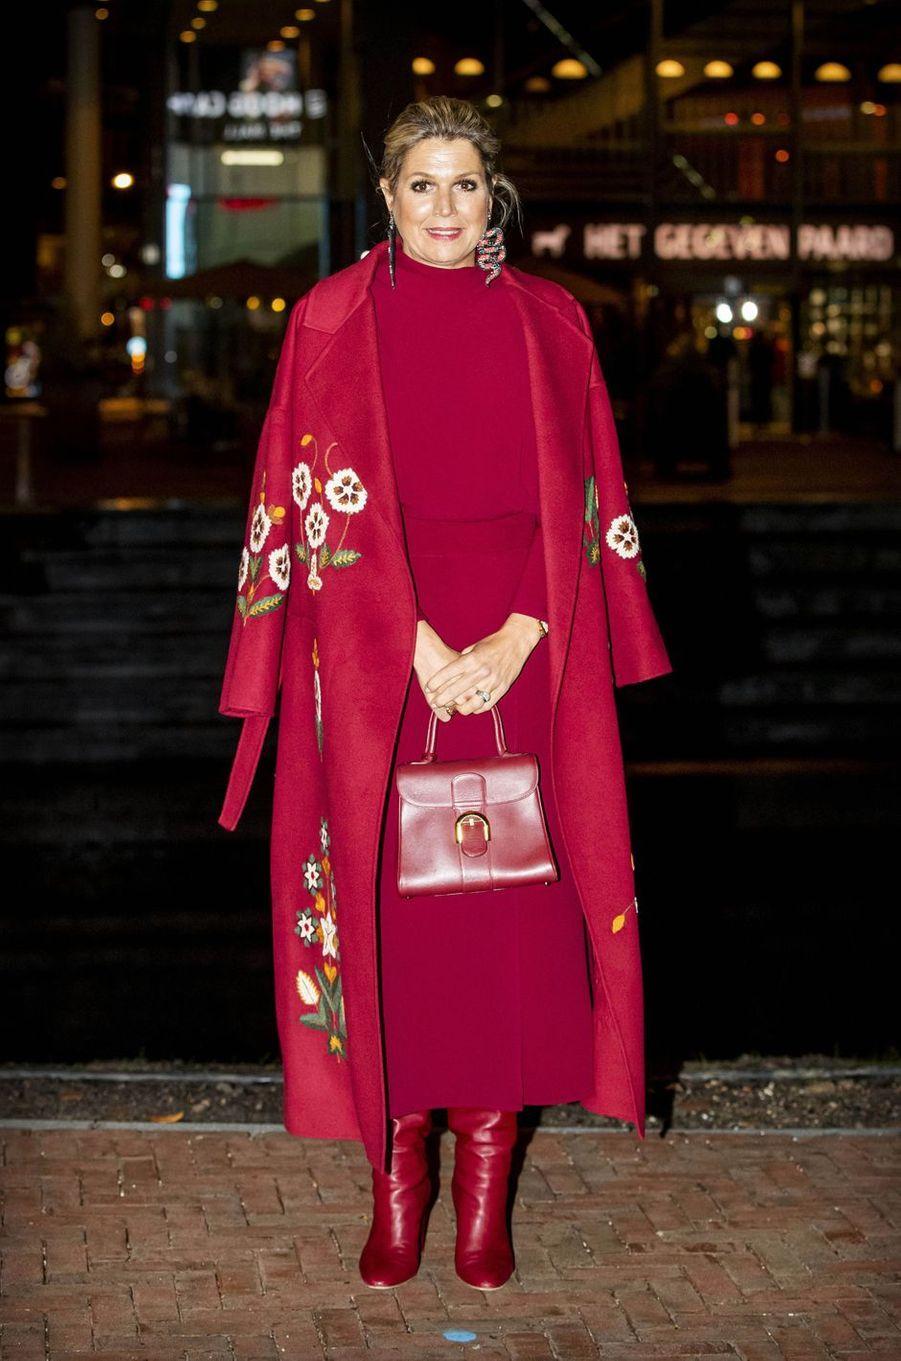 La reine Maxima des Pays-Bas, dans un manteau Oscar de la Renta, à Utrecht le 7 octobre 2020